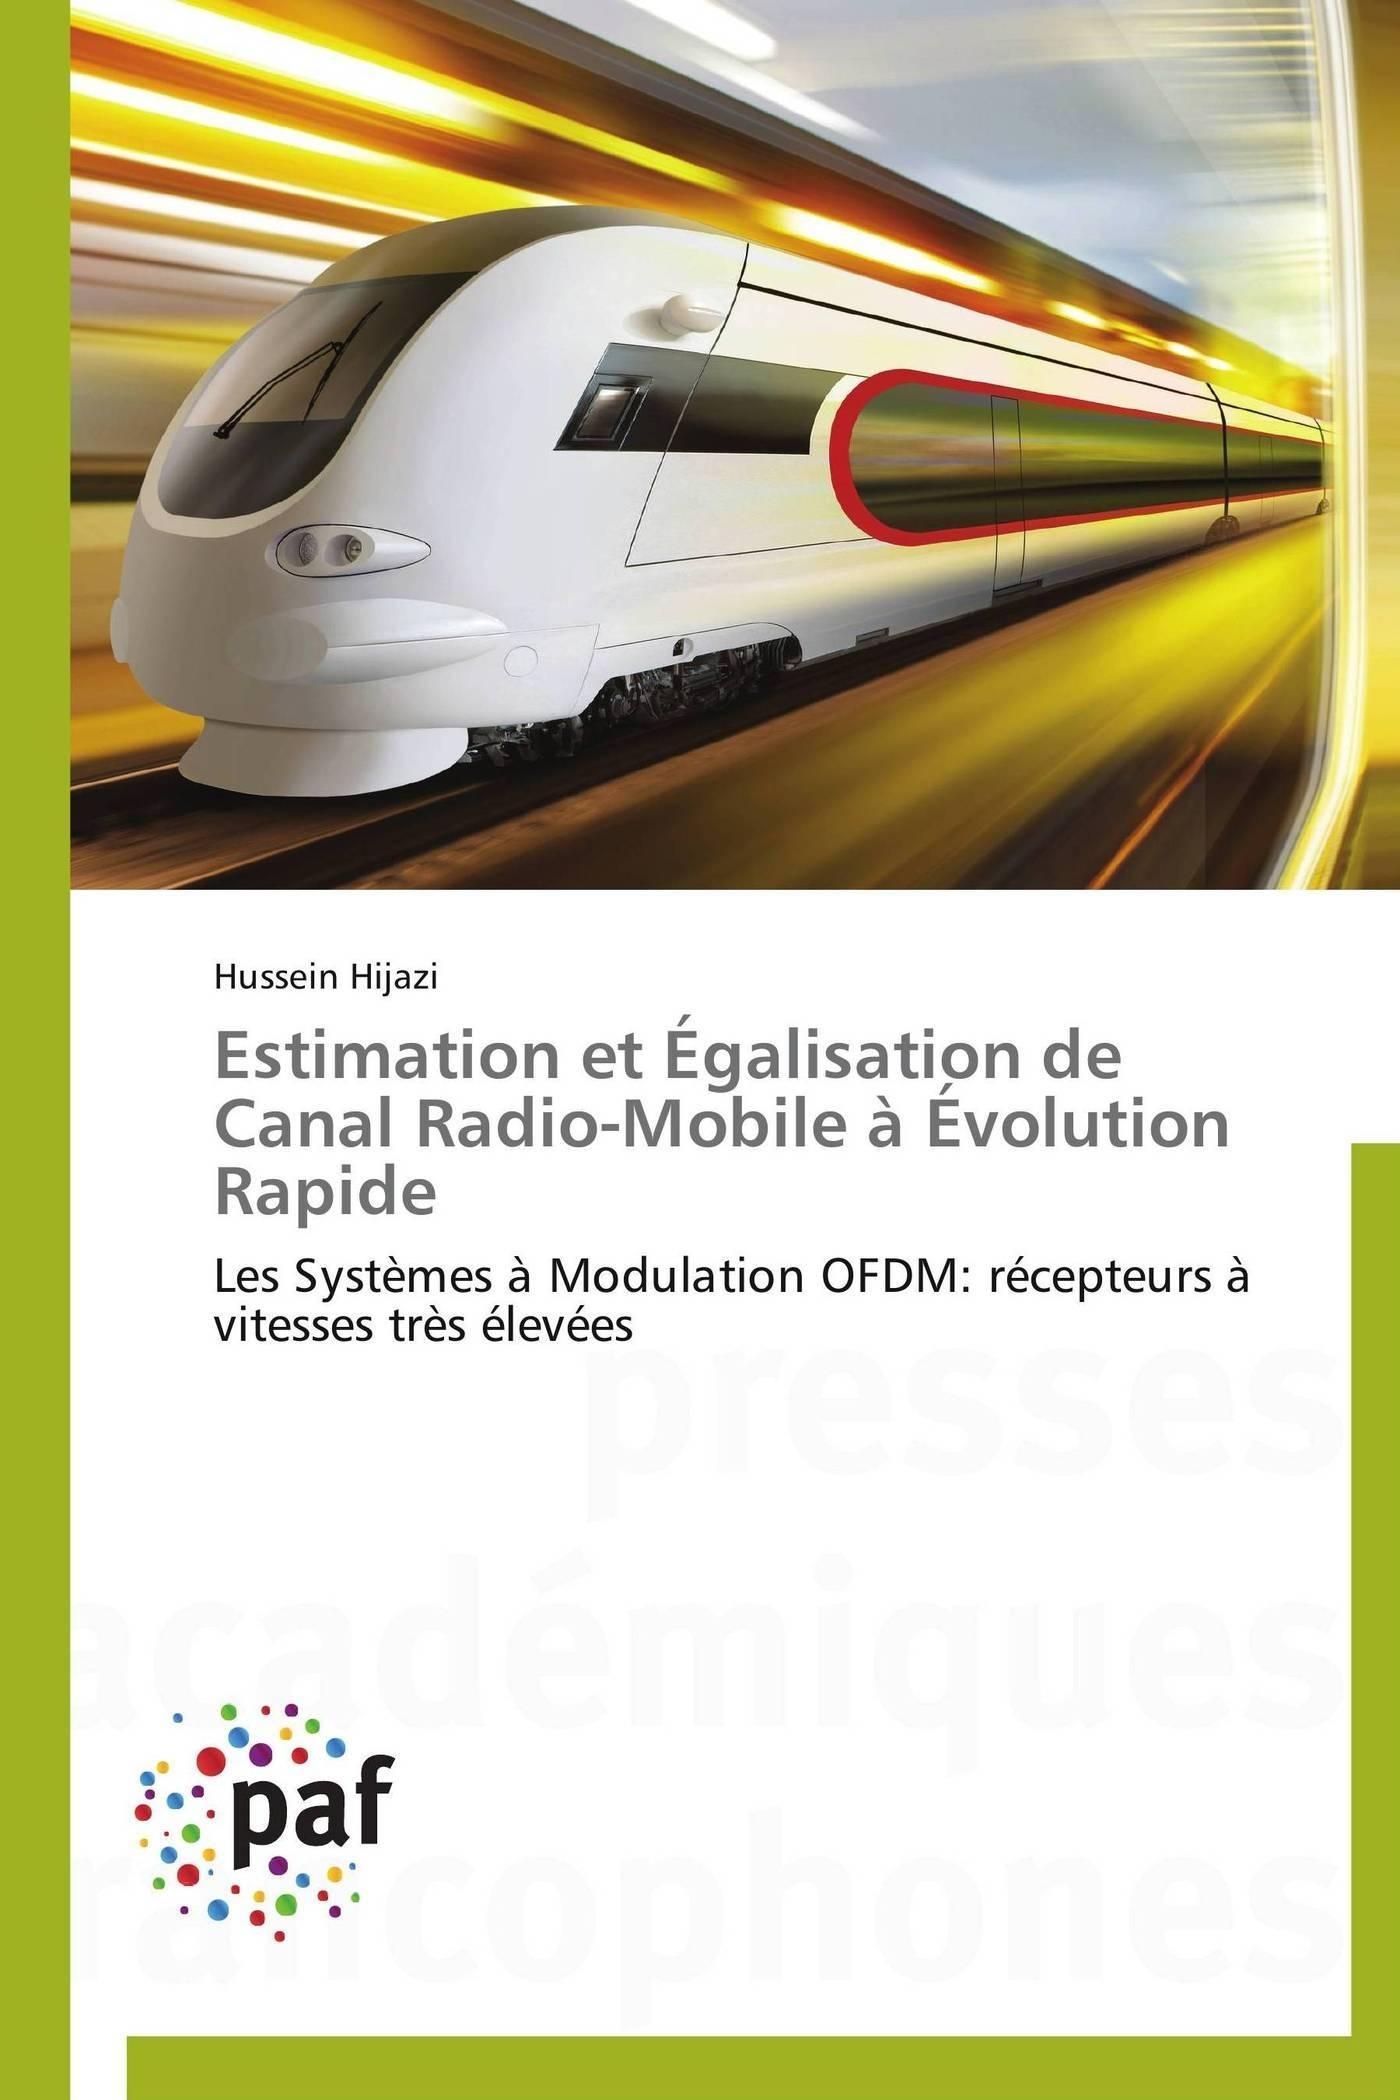 ESTIMATION ET EGALISATION DE CANAL RADIO-MOBILE A EVOLUTION RAPIDE